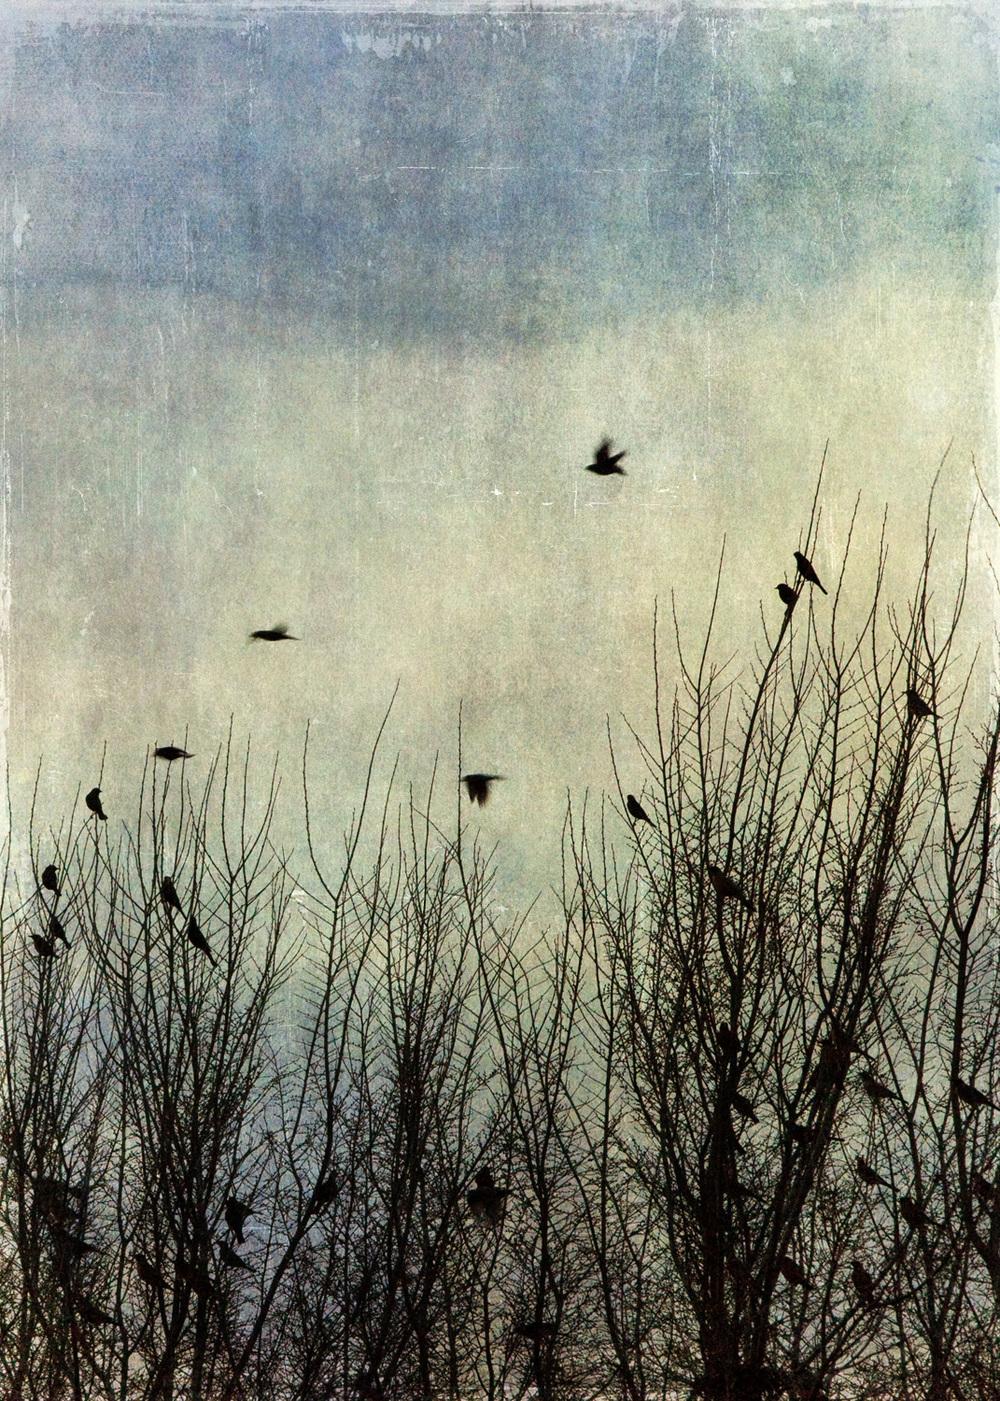 birds_at_dusk_12-7x5-7621.jpg